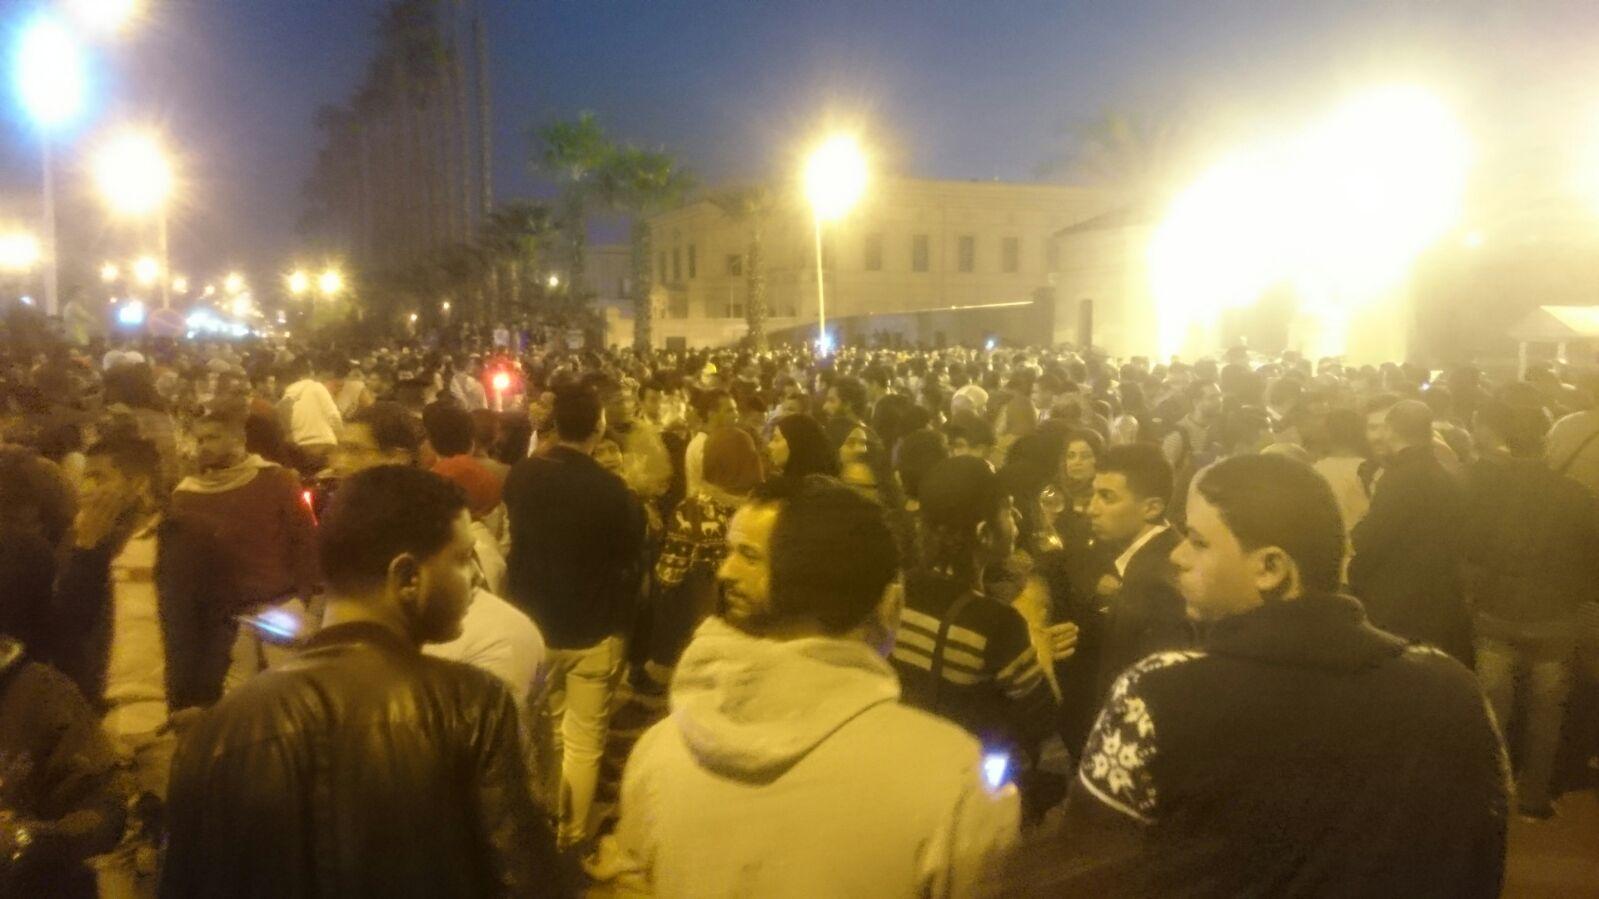 بالصور.. حضور كثيف وزحام في حفل محمد منير بجامعة القاهرة